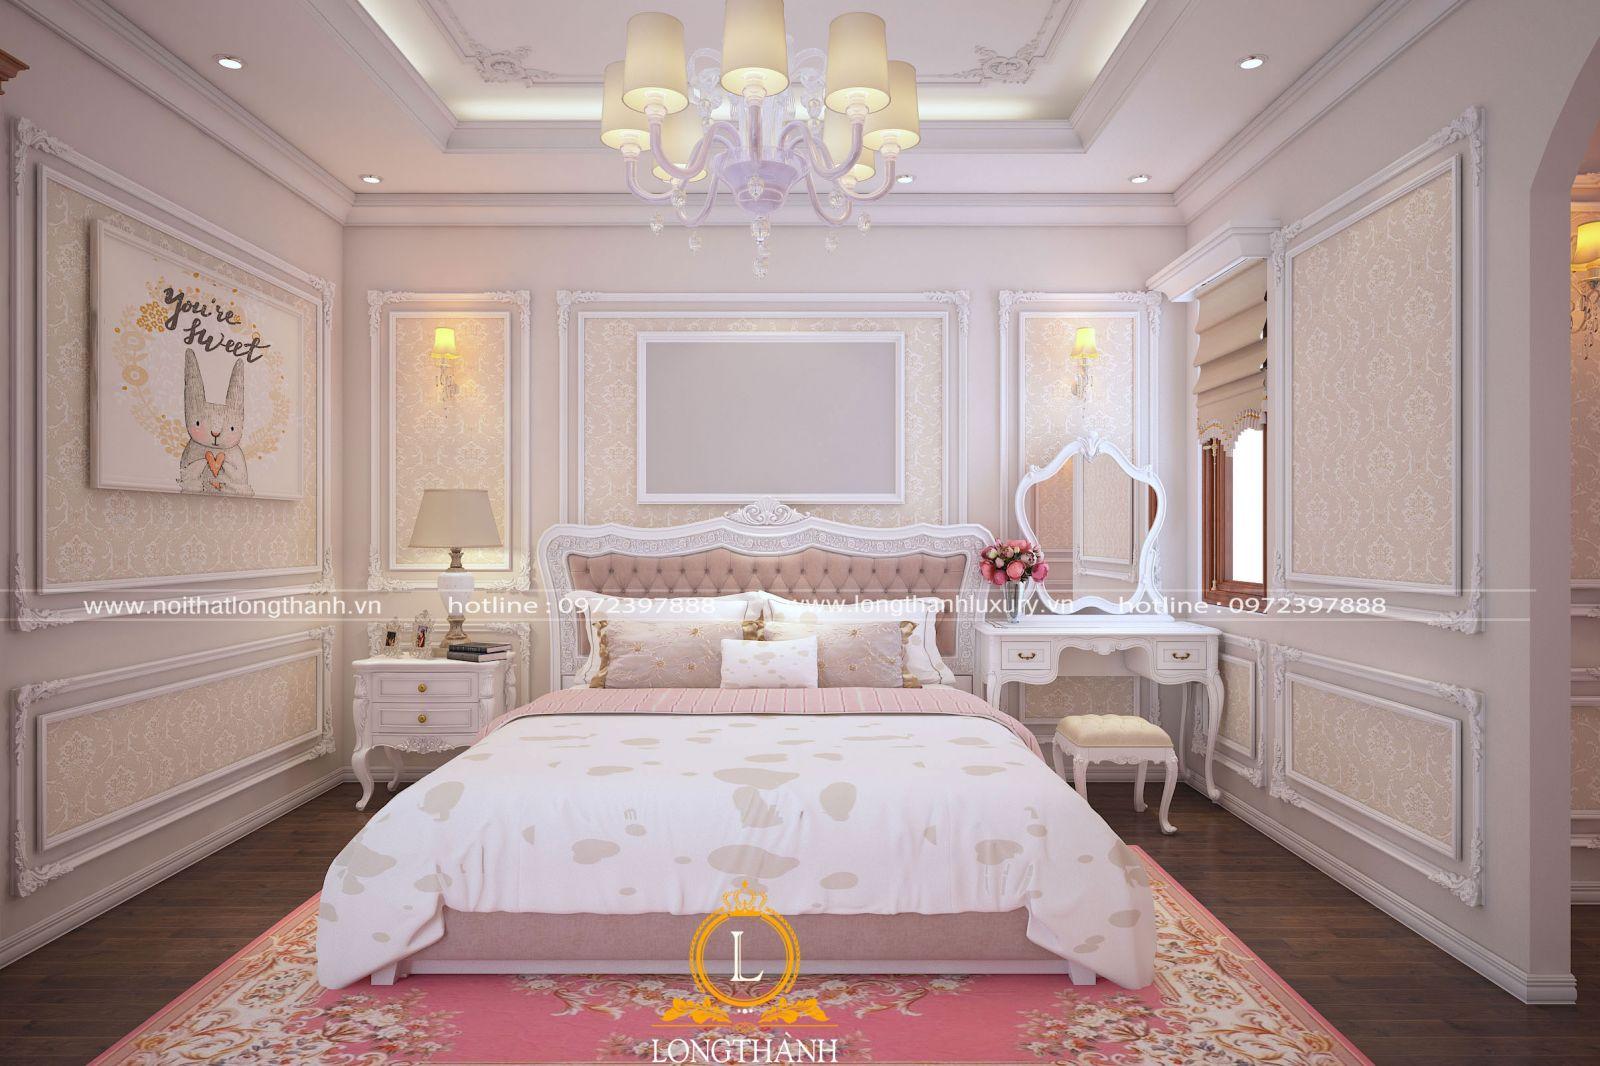 Phòng ngủ tân cổ điển sắc hồng dễ thương